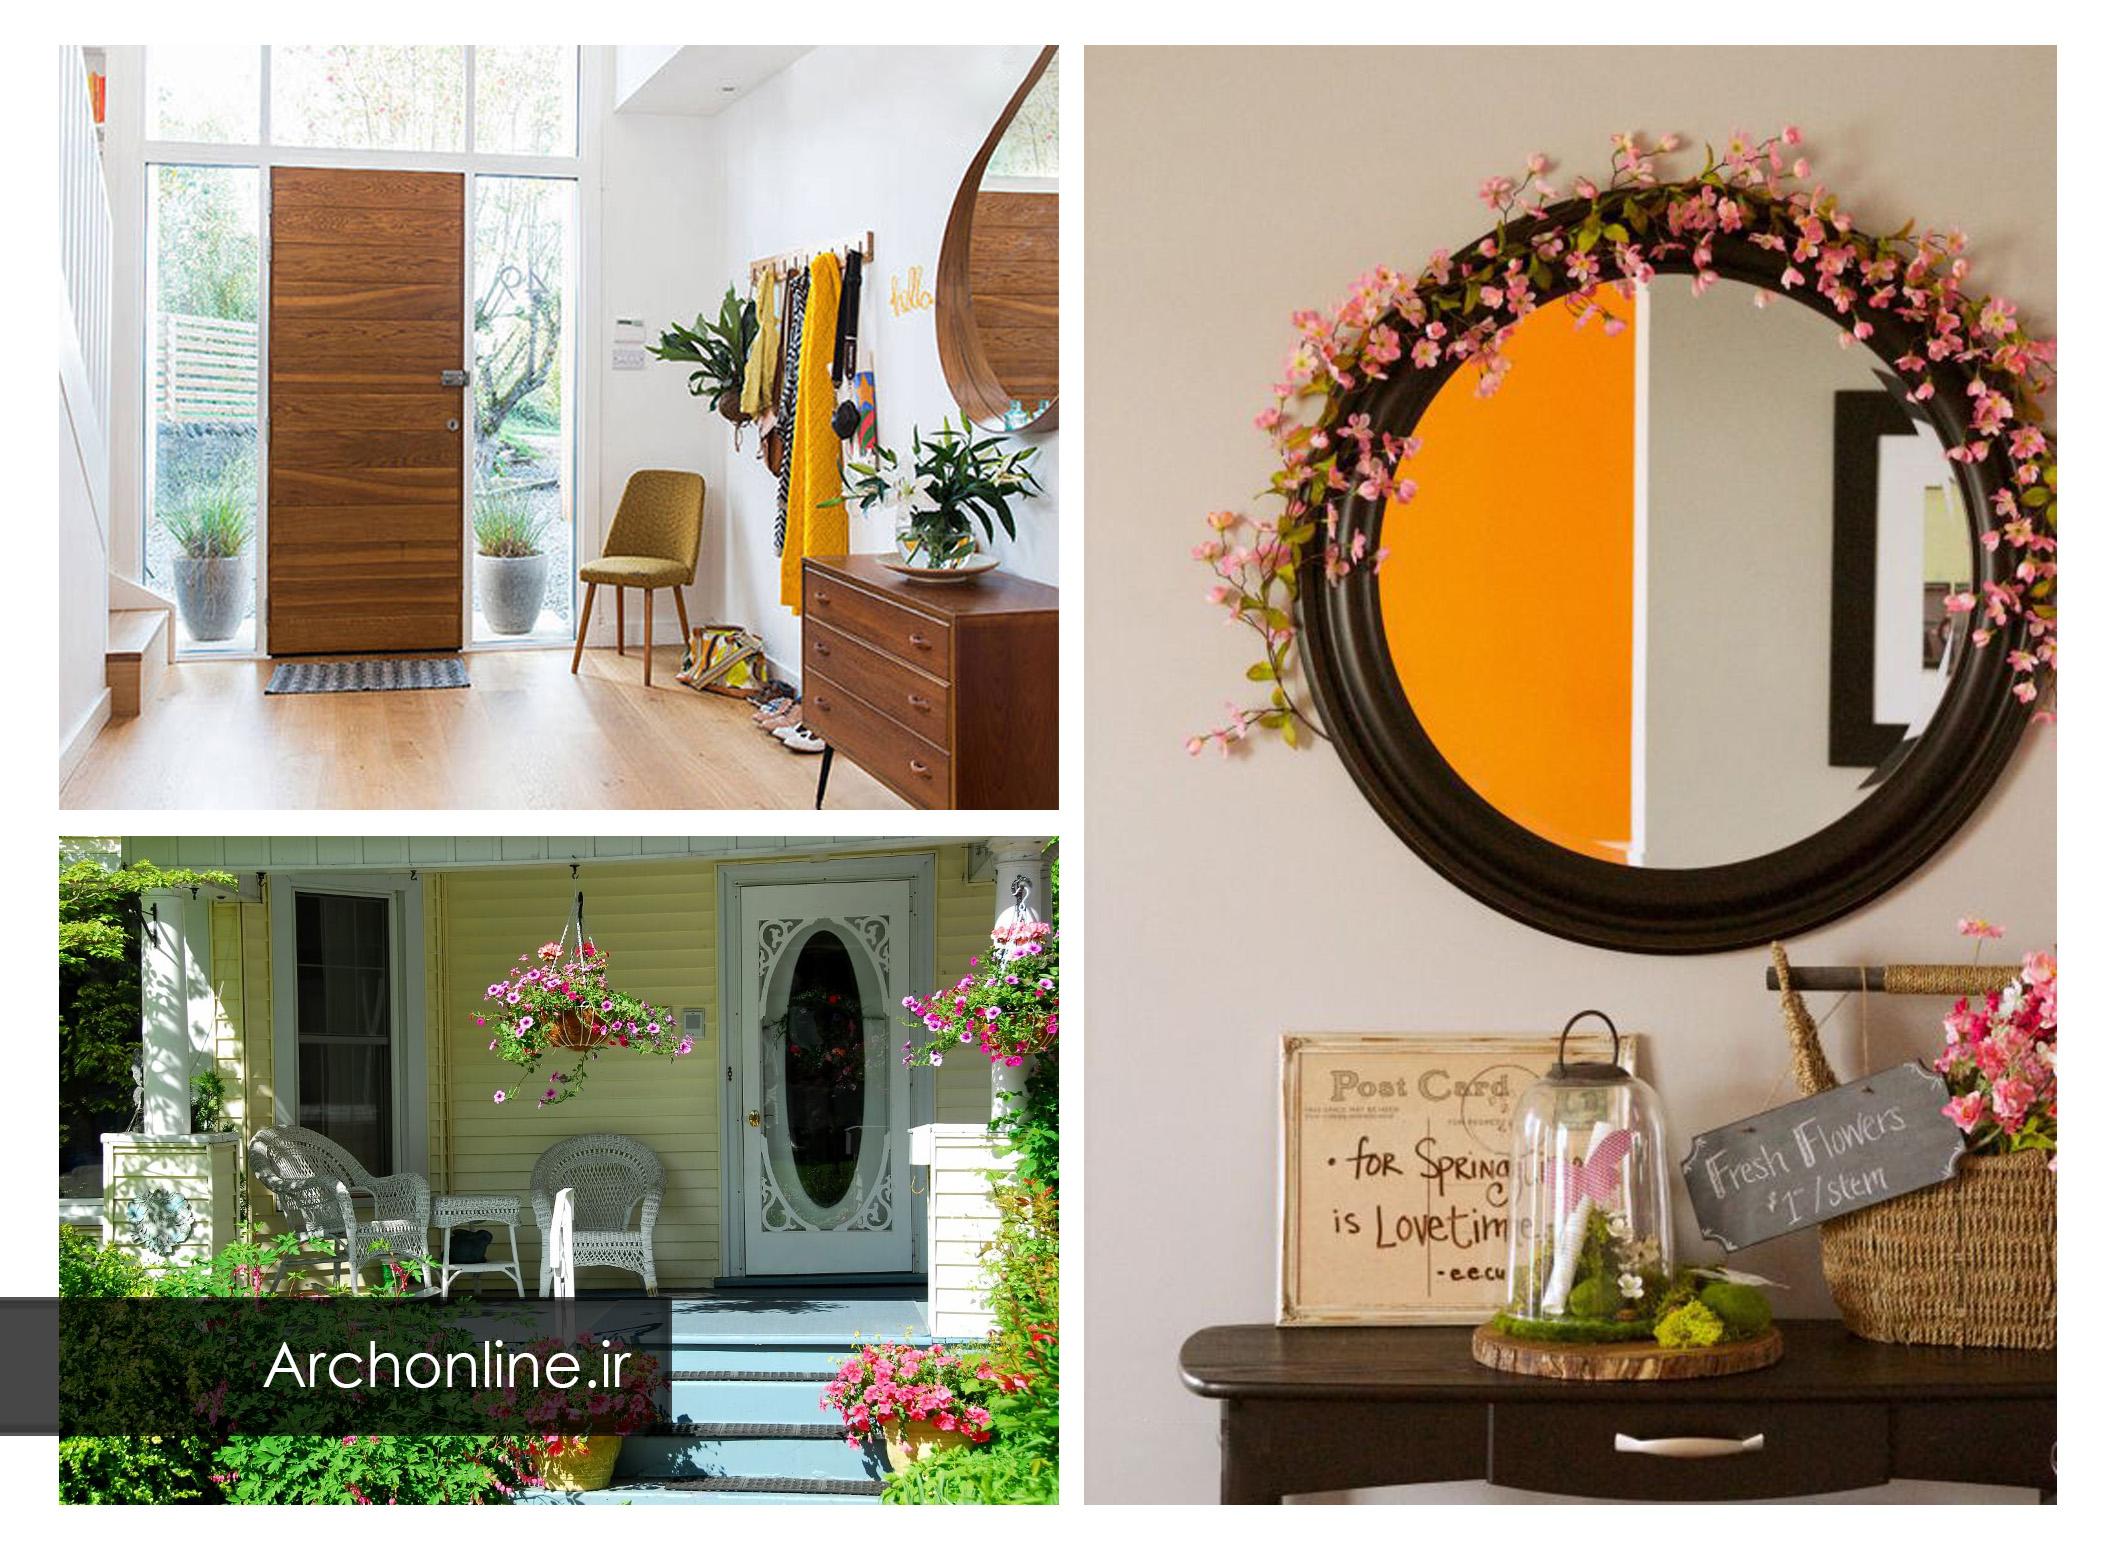 ایدههایی برای تزئین فضای ورودی خانه در بهار